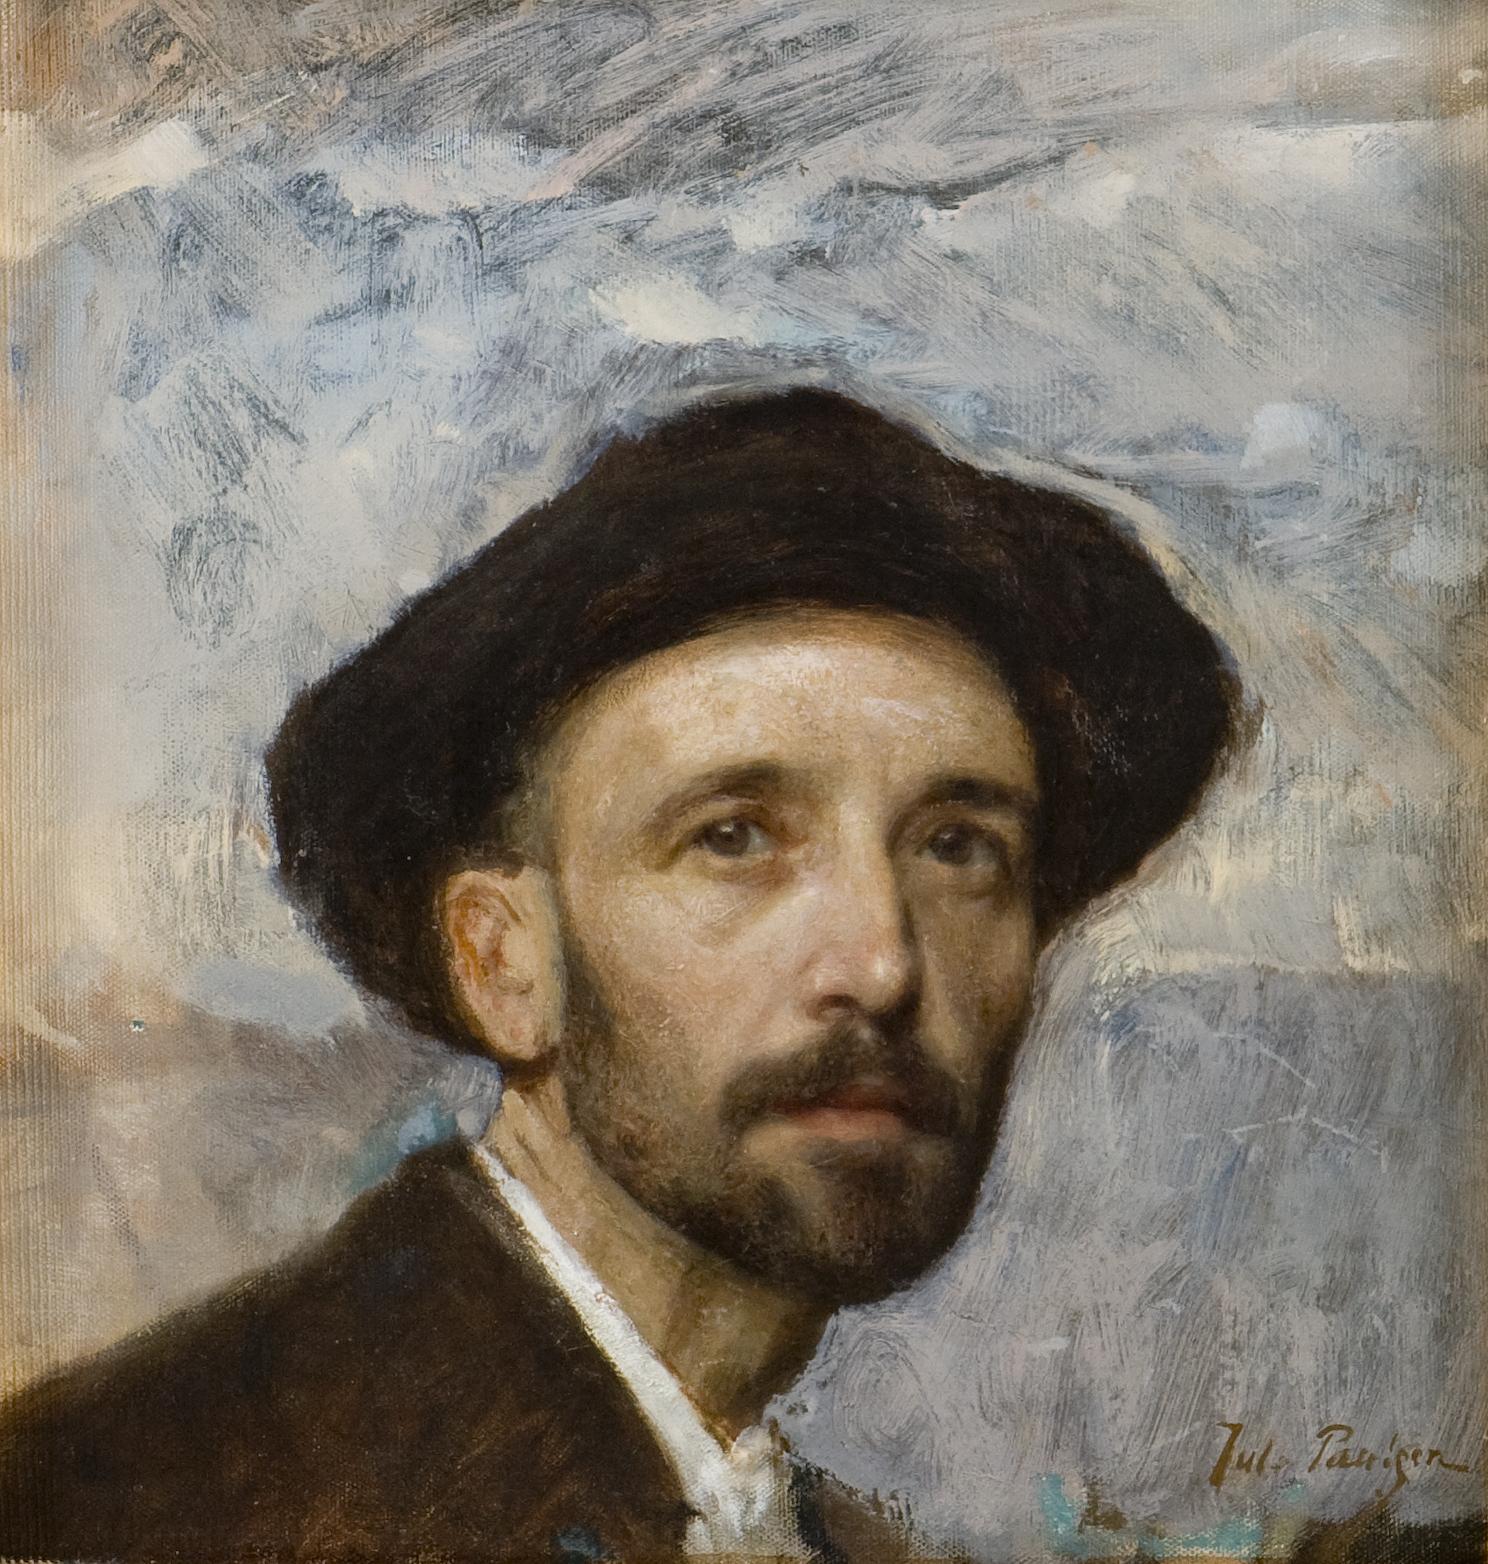 File:Julius Paulsen - Self-portrait with soft hat, 1900 ...